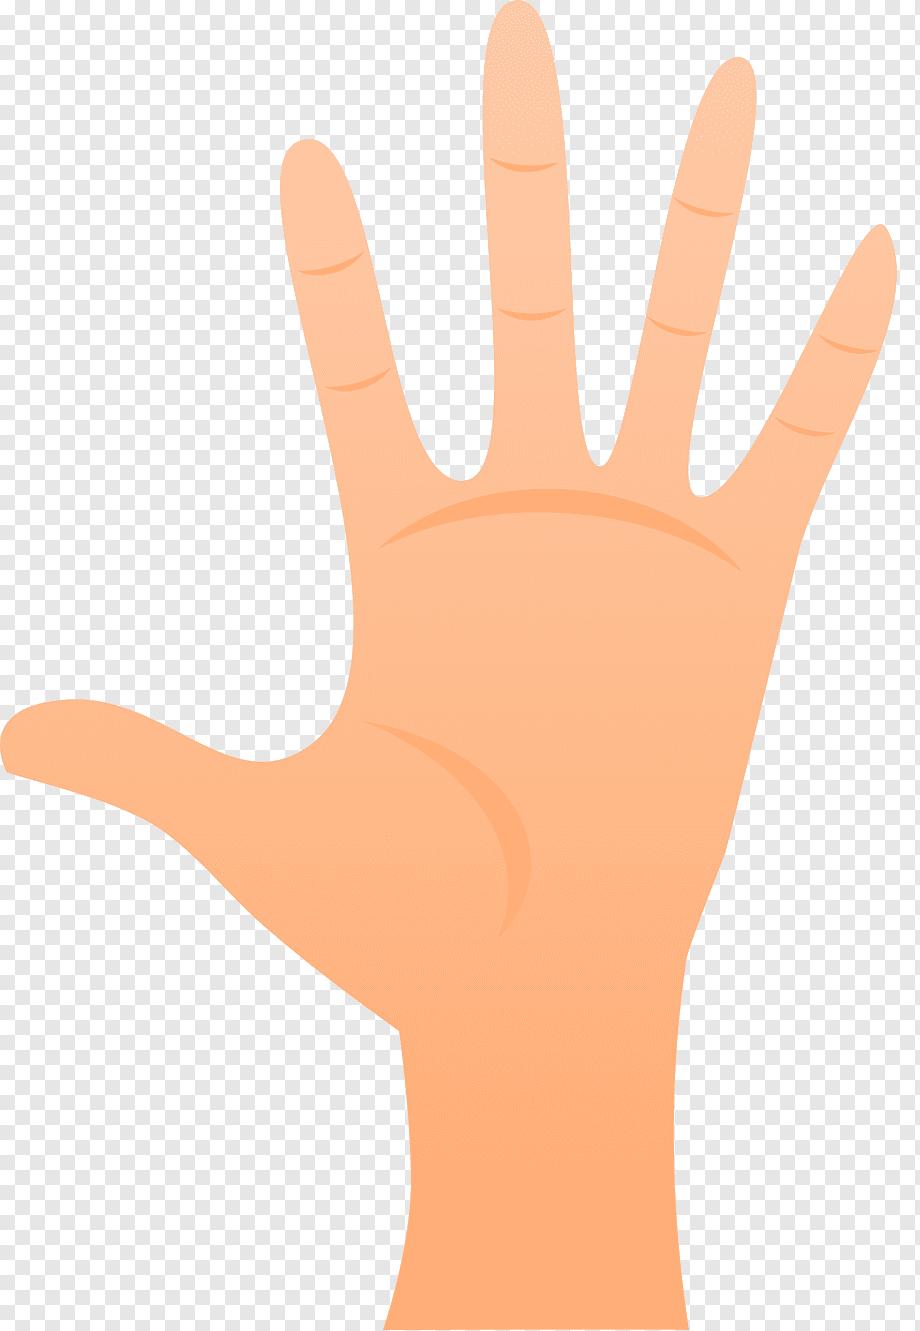 Gambar Telapak Tangan Animasi : gambar, telapak, tangan, animasi, Thumb, Model, Glove, Line,, Hand,, Orange,, Realistic, PNGWing